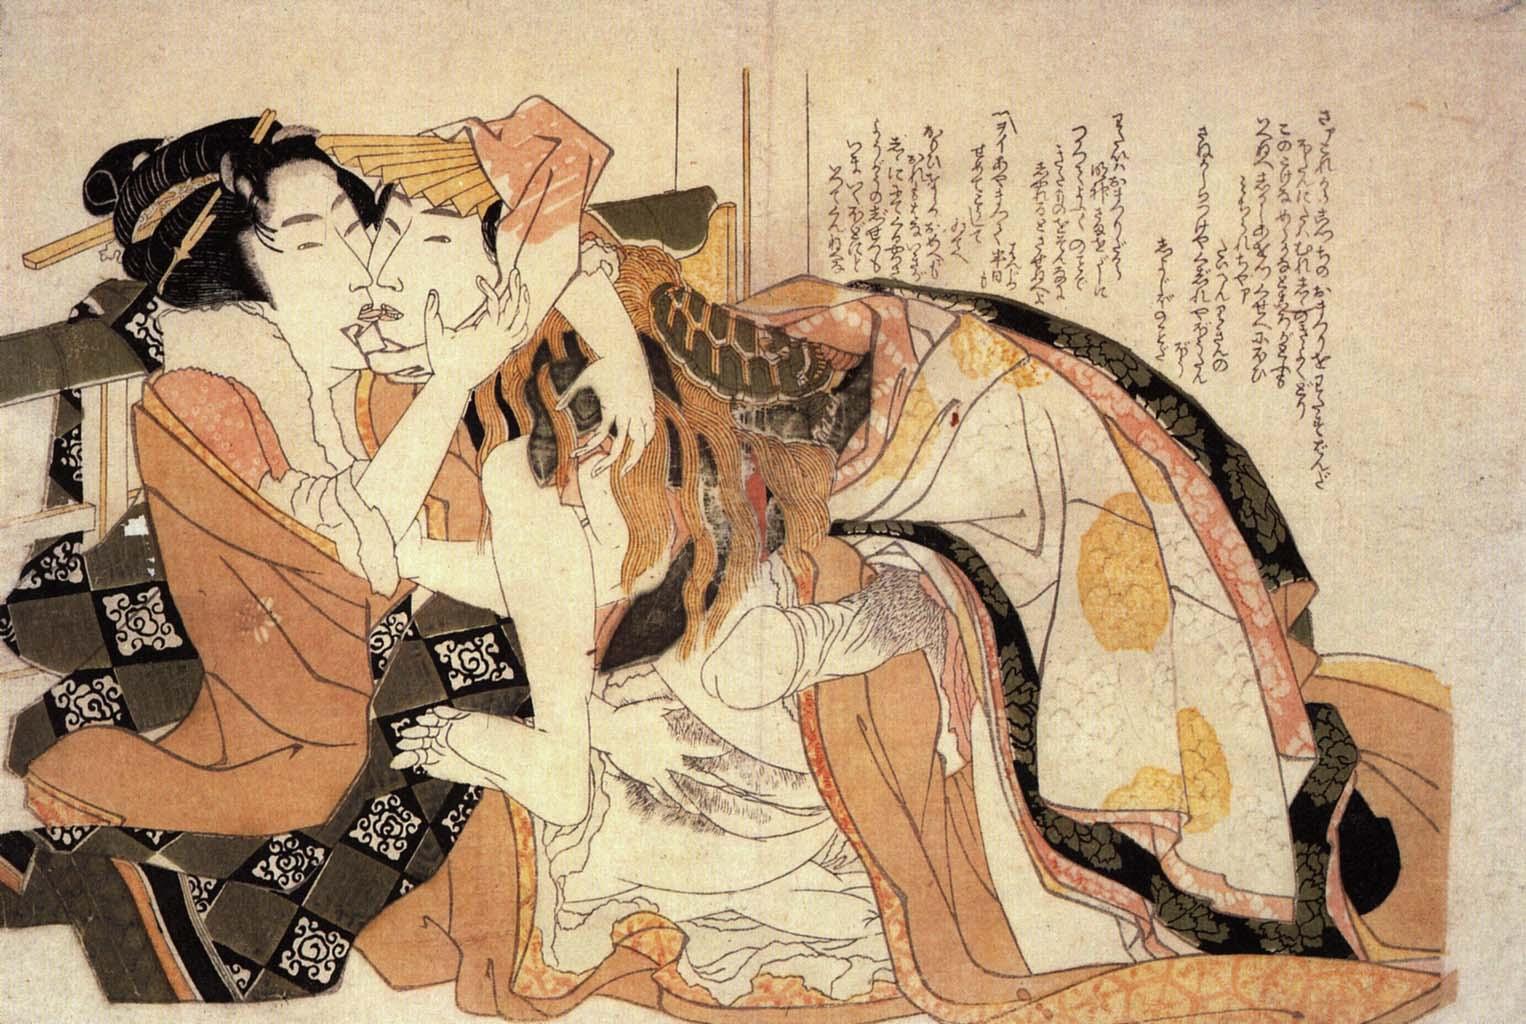 Кацусика Хокусай (Katsushika Hokusai), Shunga – 15